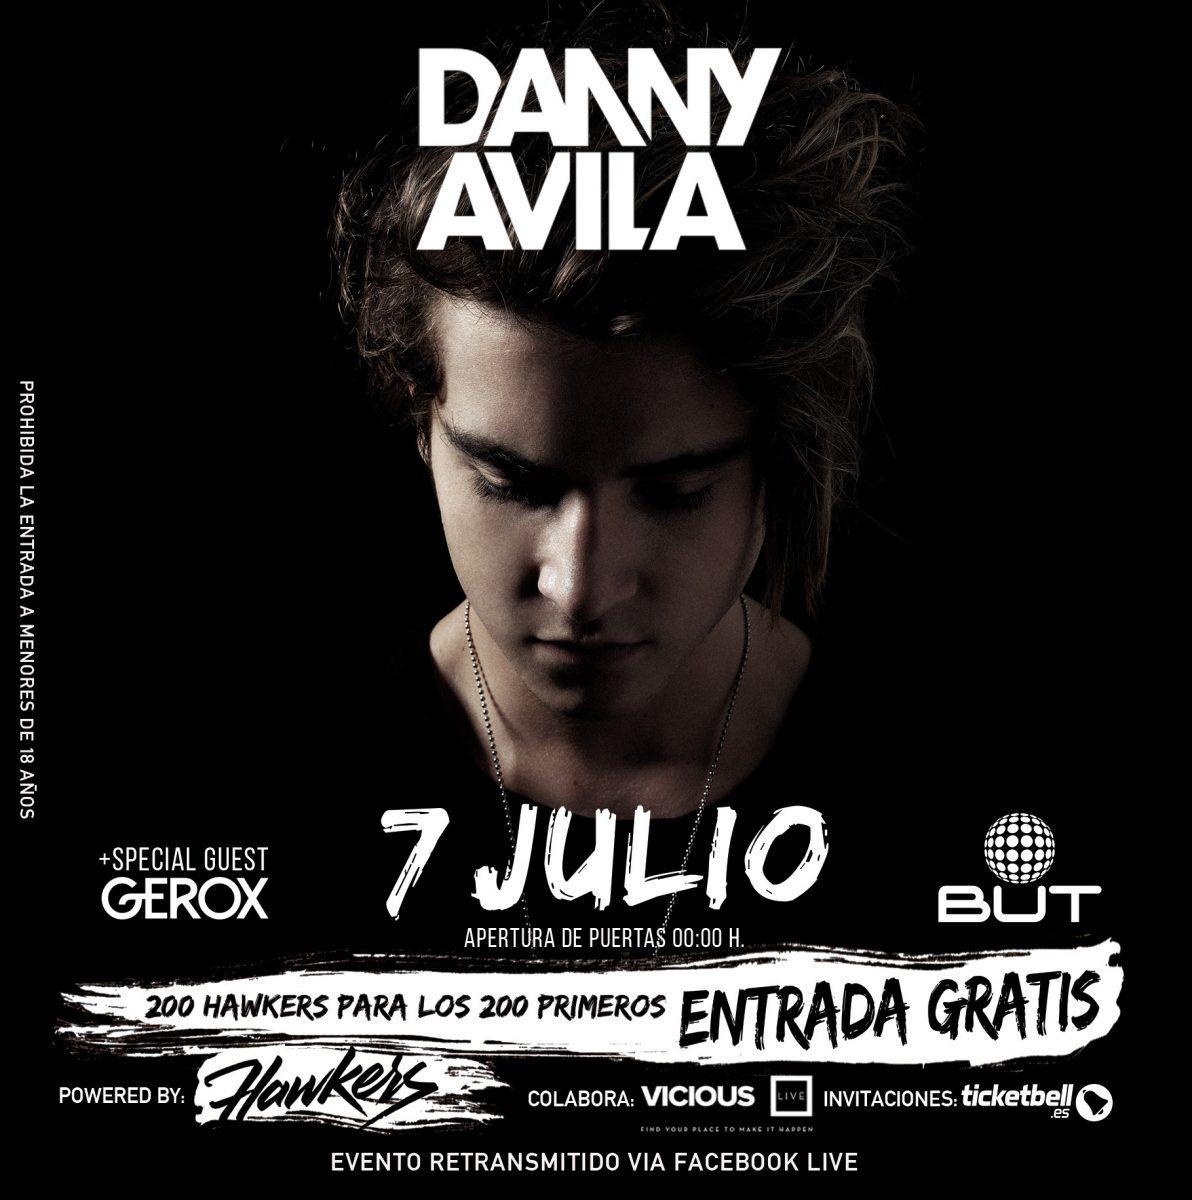 danny-avila-sala-but-EDMred Danny Avila en Madrid gratis